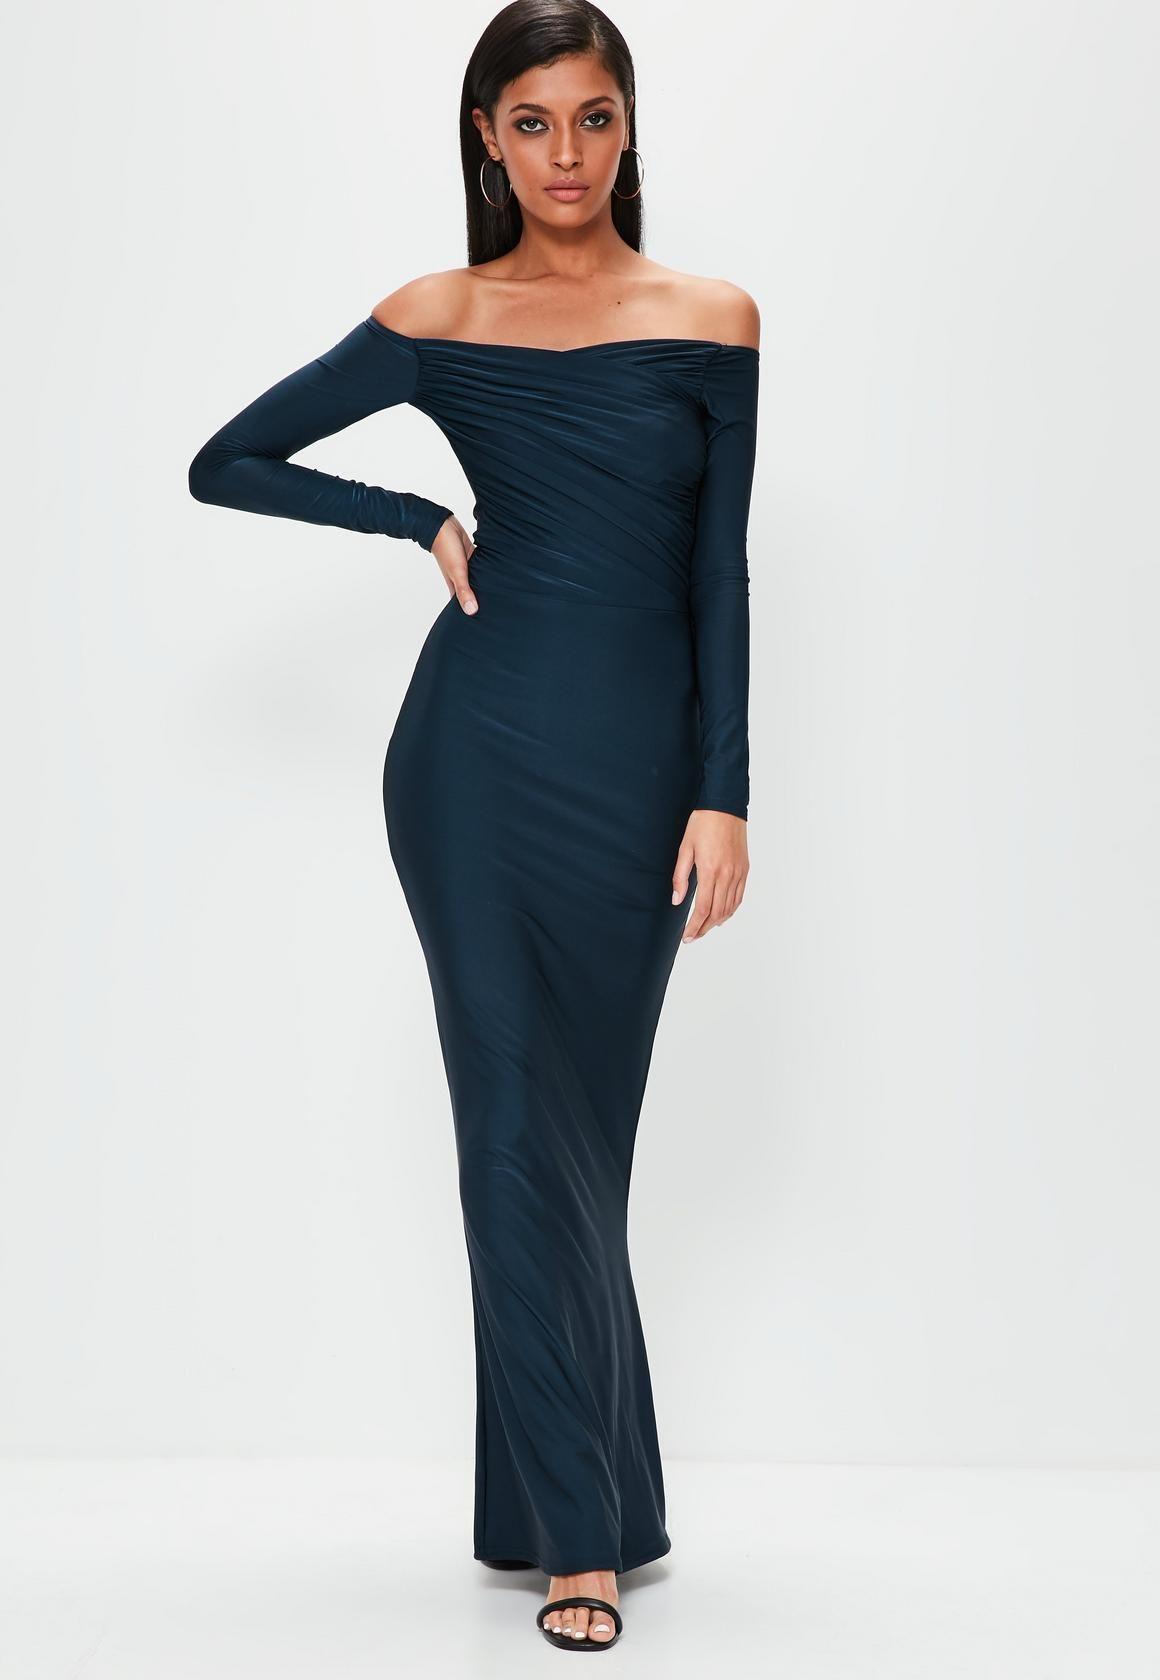 Missguided - Navy Slinky Bardot Long Sleeve Maxi Dress | Tasha\'s ...